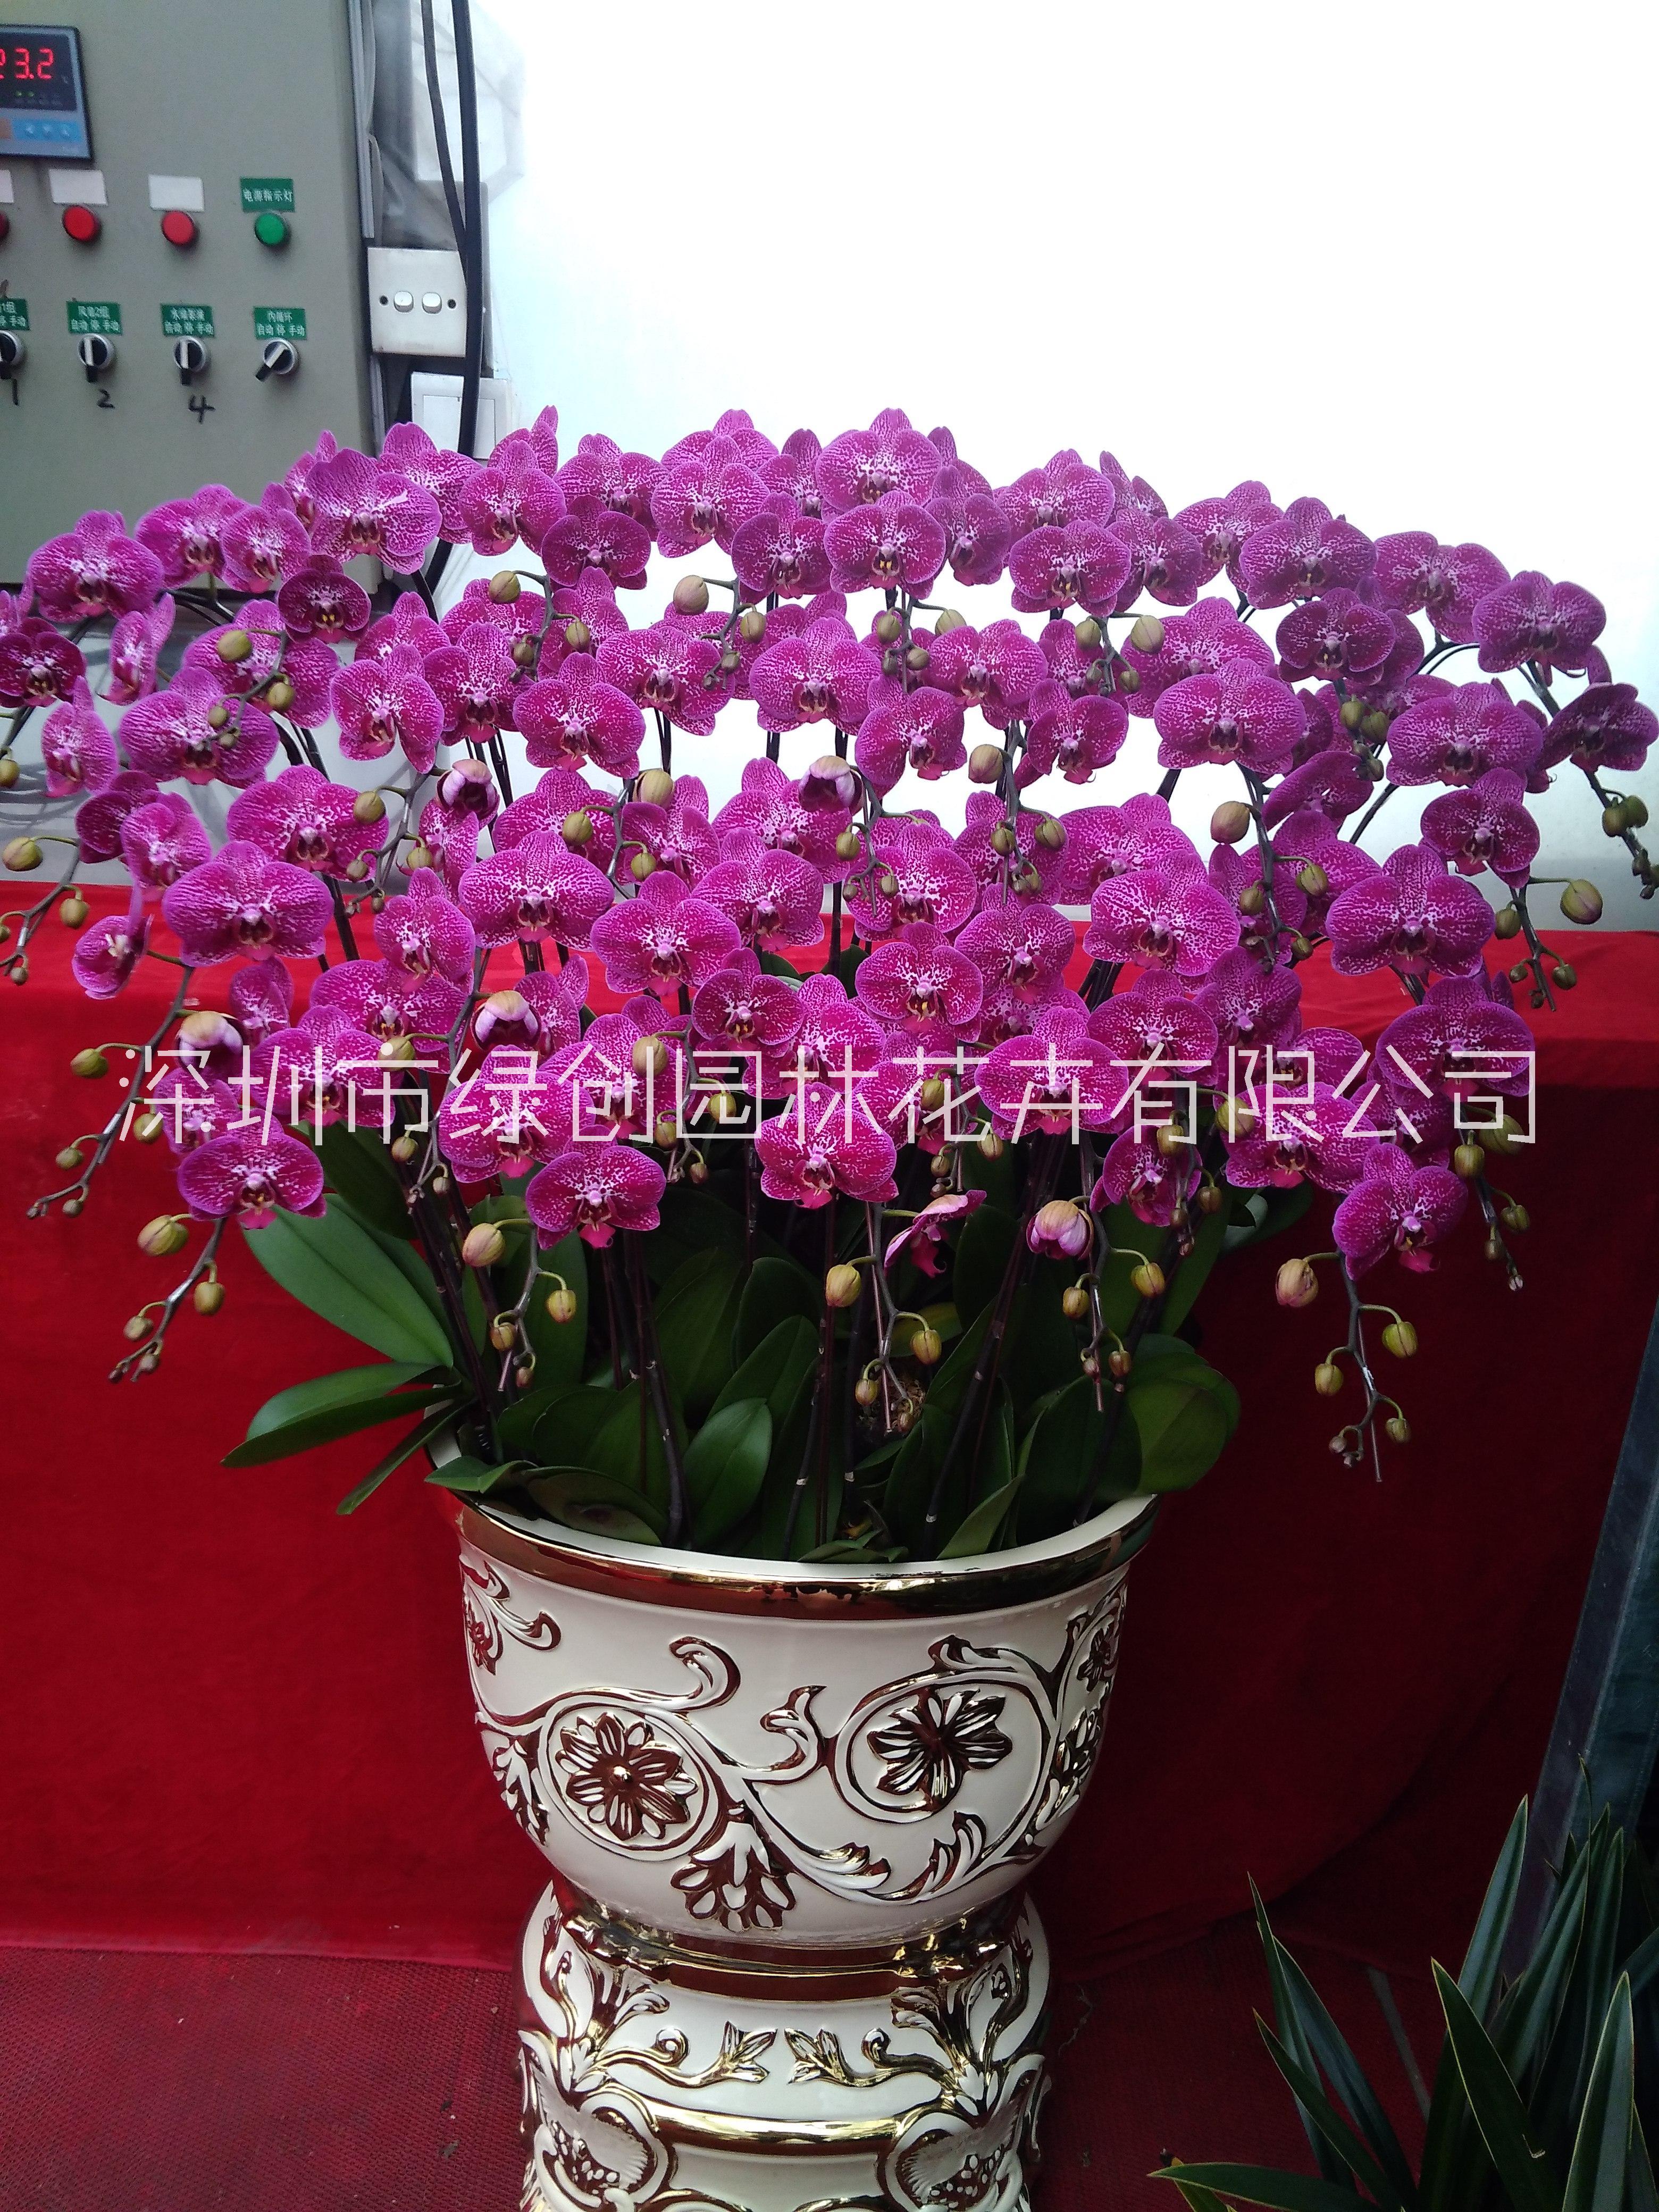 鲜花、厂家种植、定制、批发价格【深圳市绿创园林花卉有限公司】